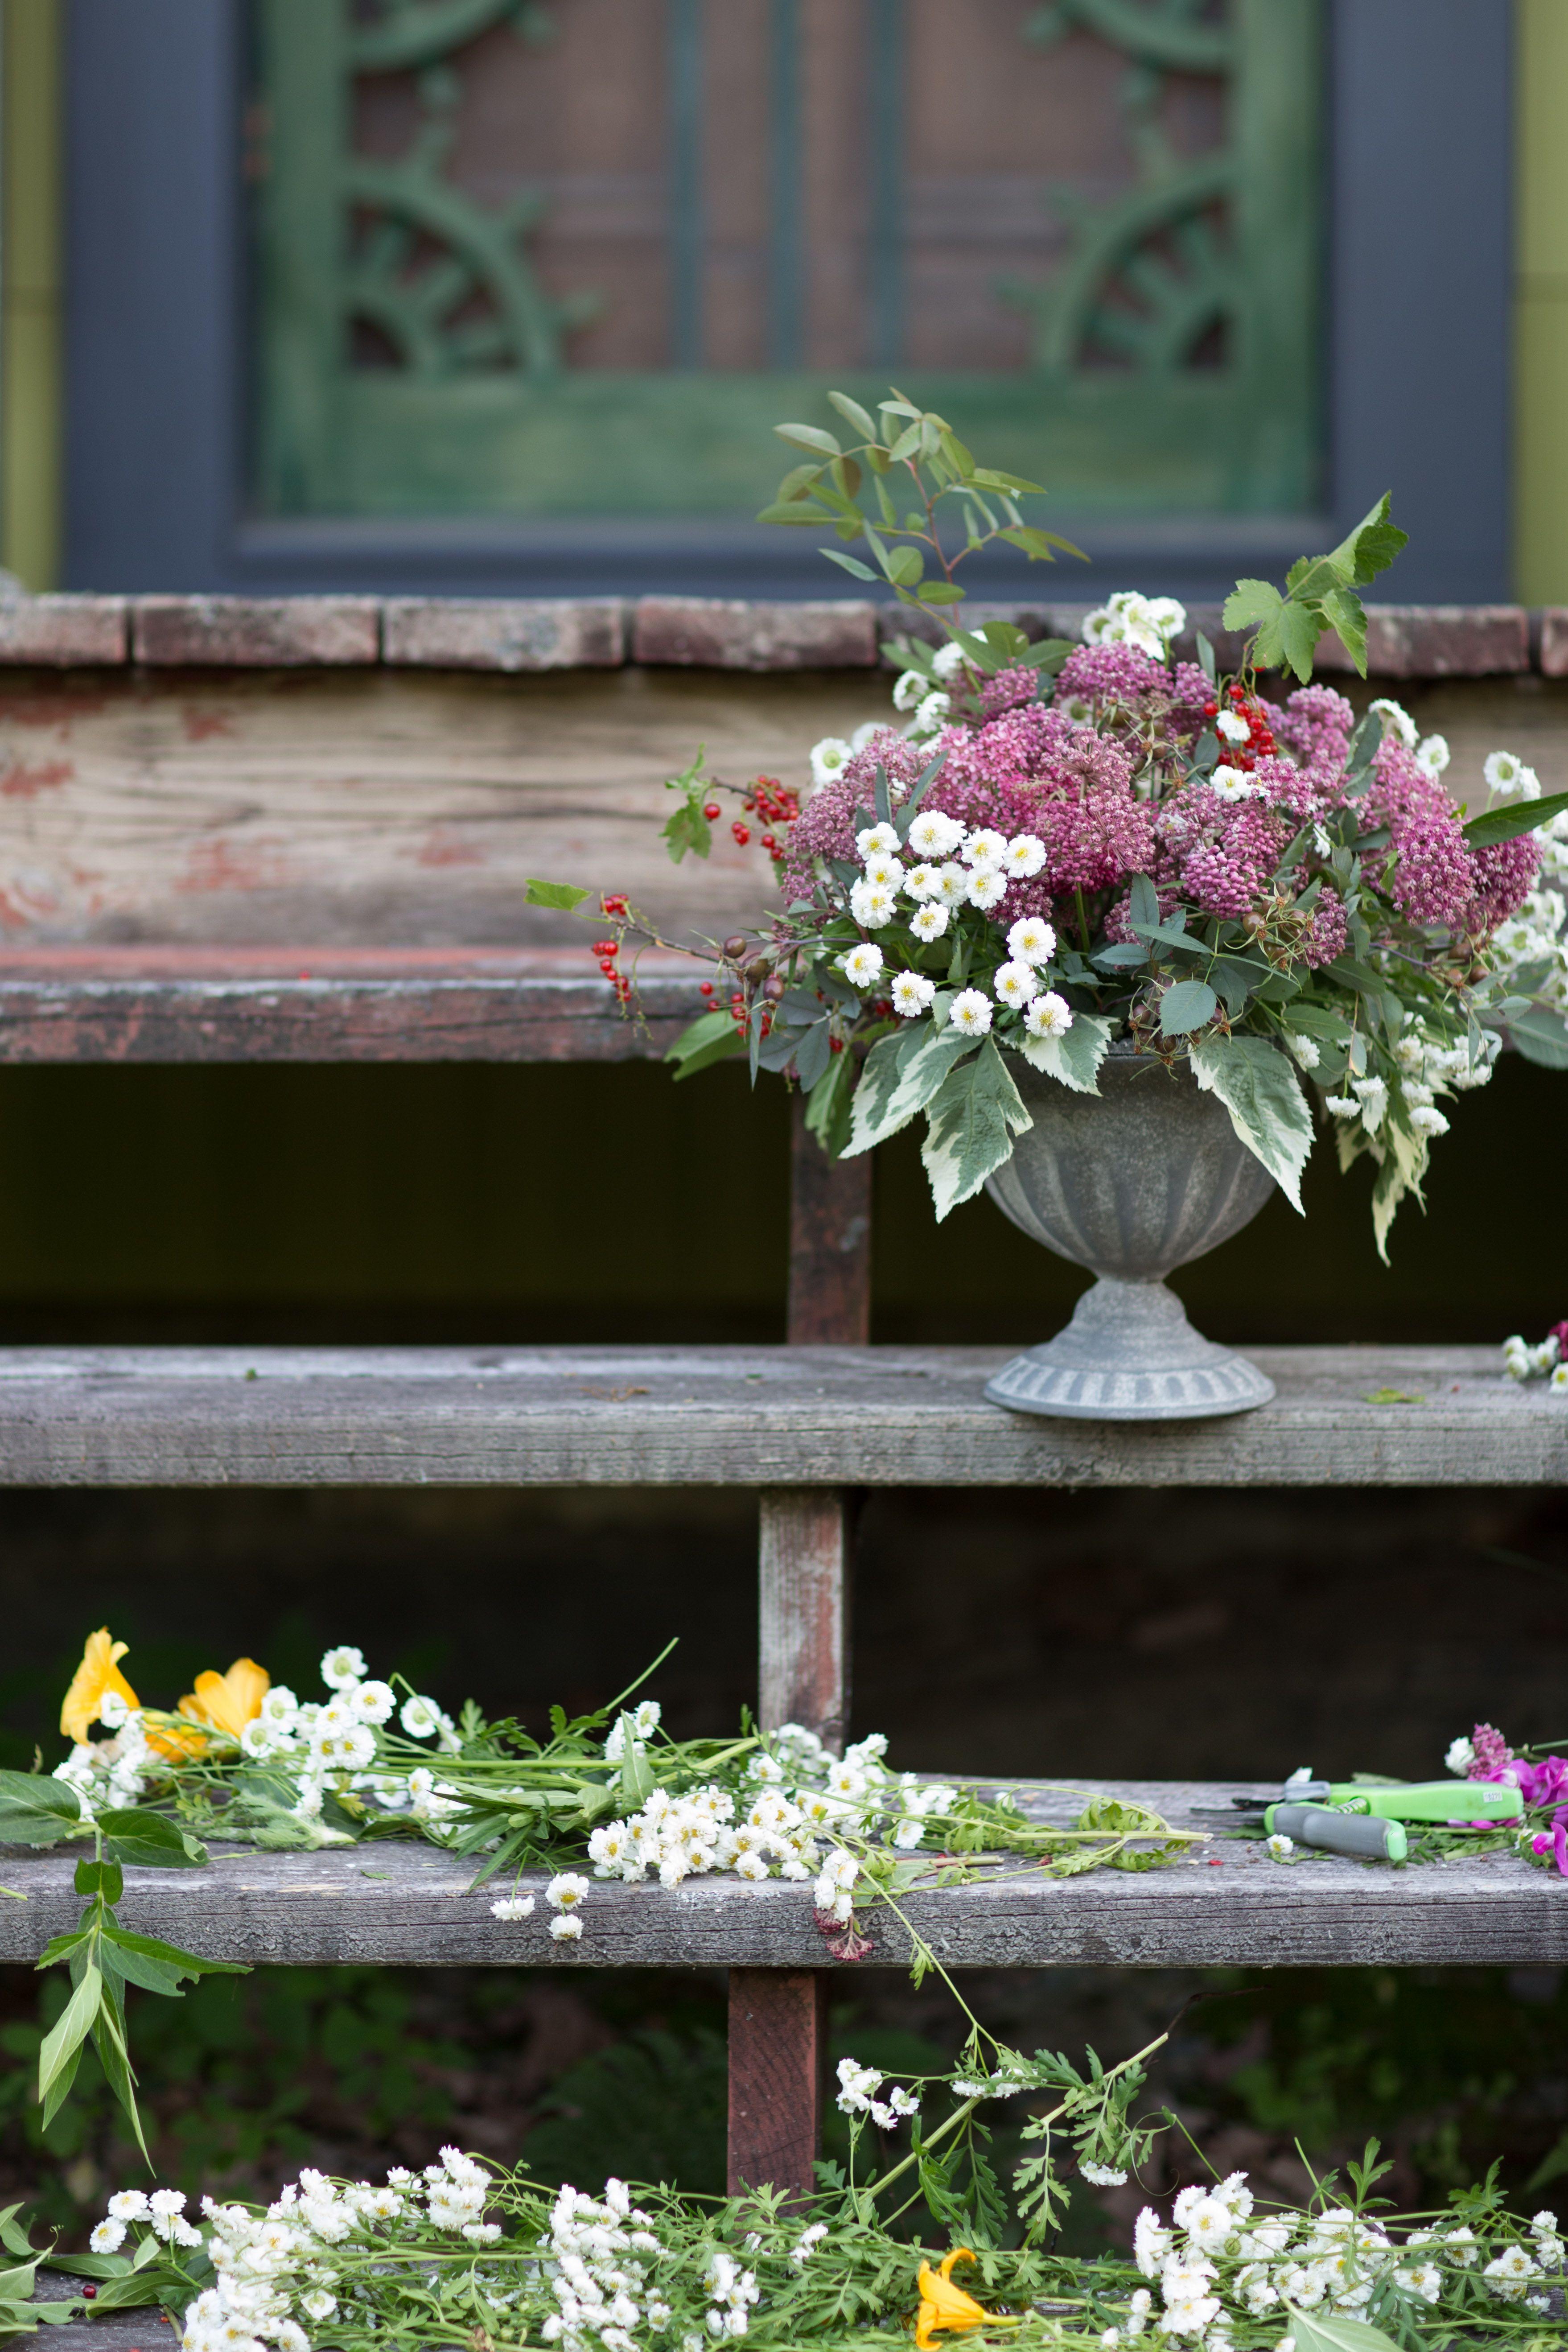 Cueillir les fleurs du jardin pour préparer un beau bouquet ...